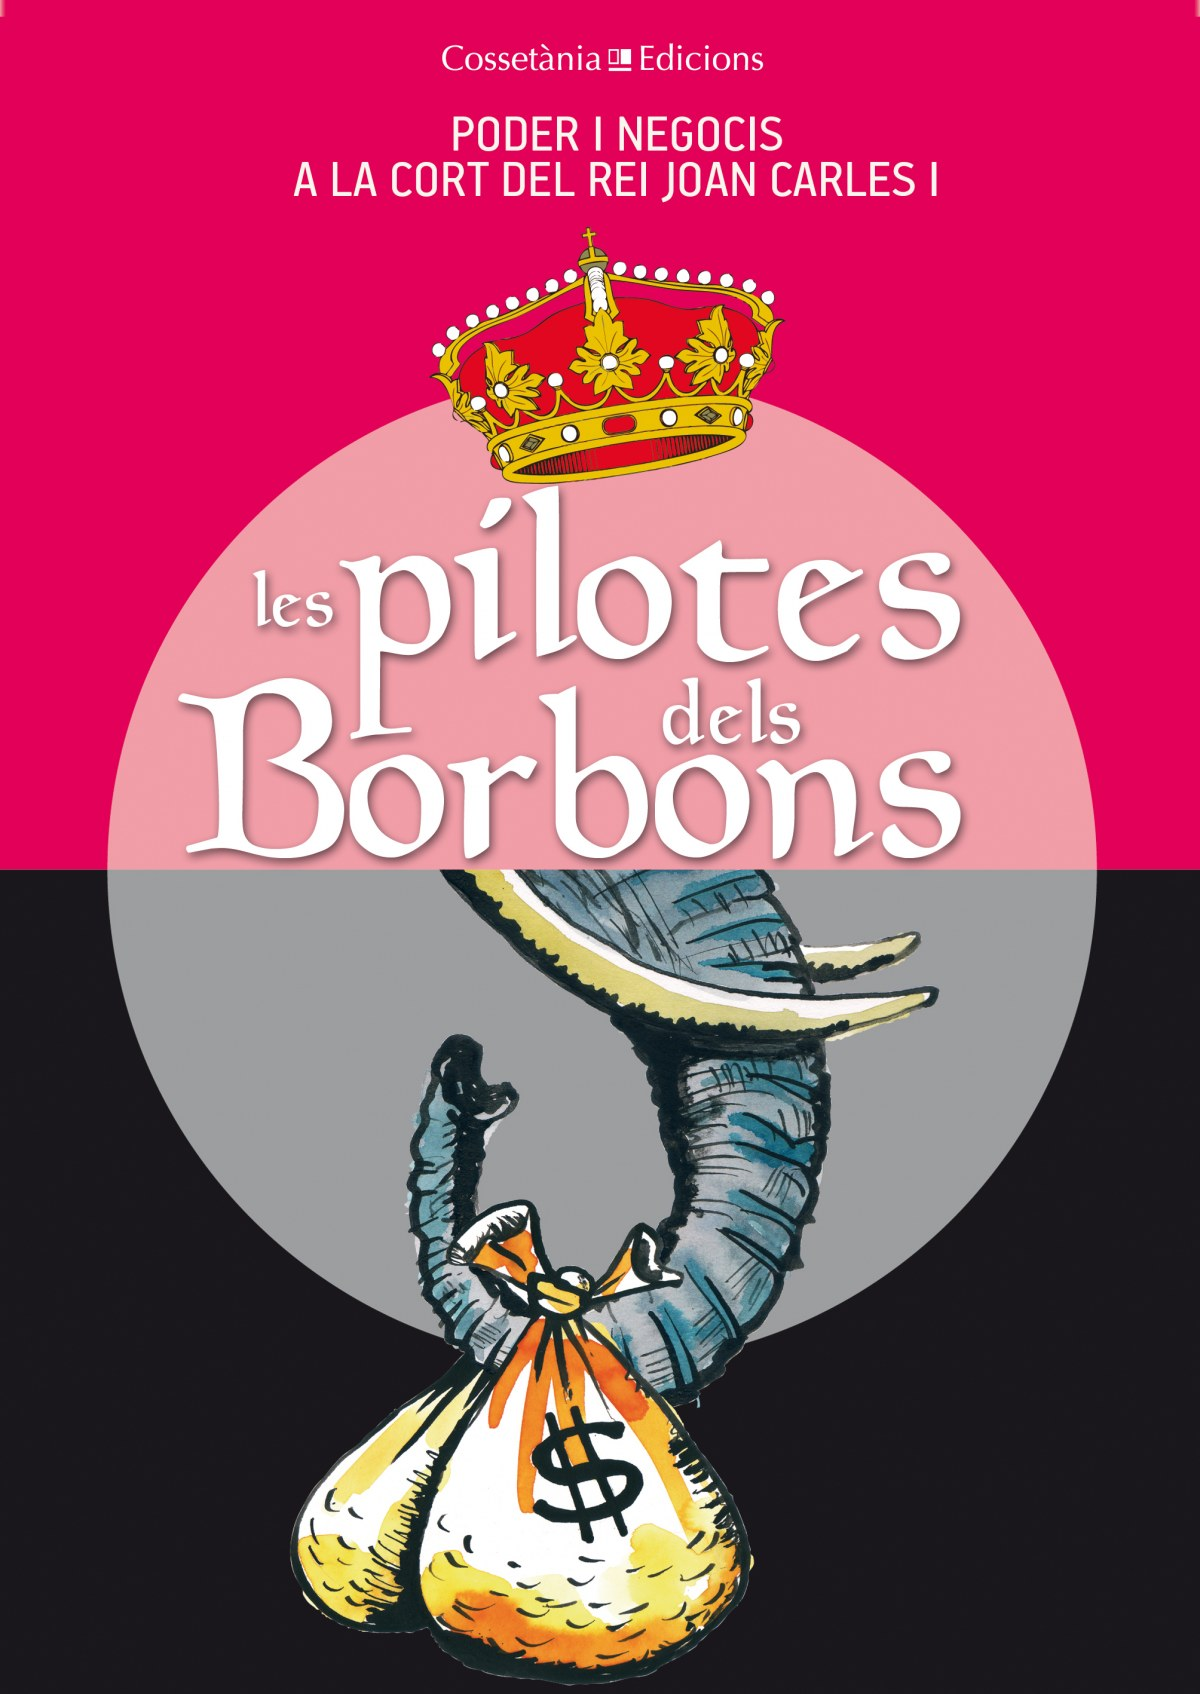 Les pilotes dels Borbons 9788490341742